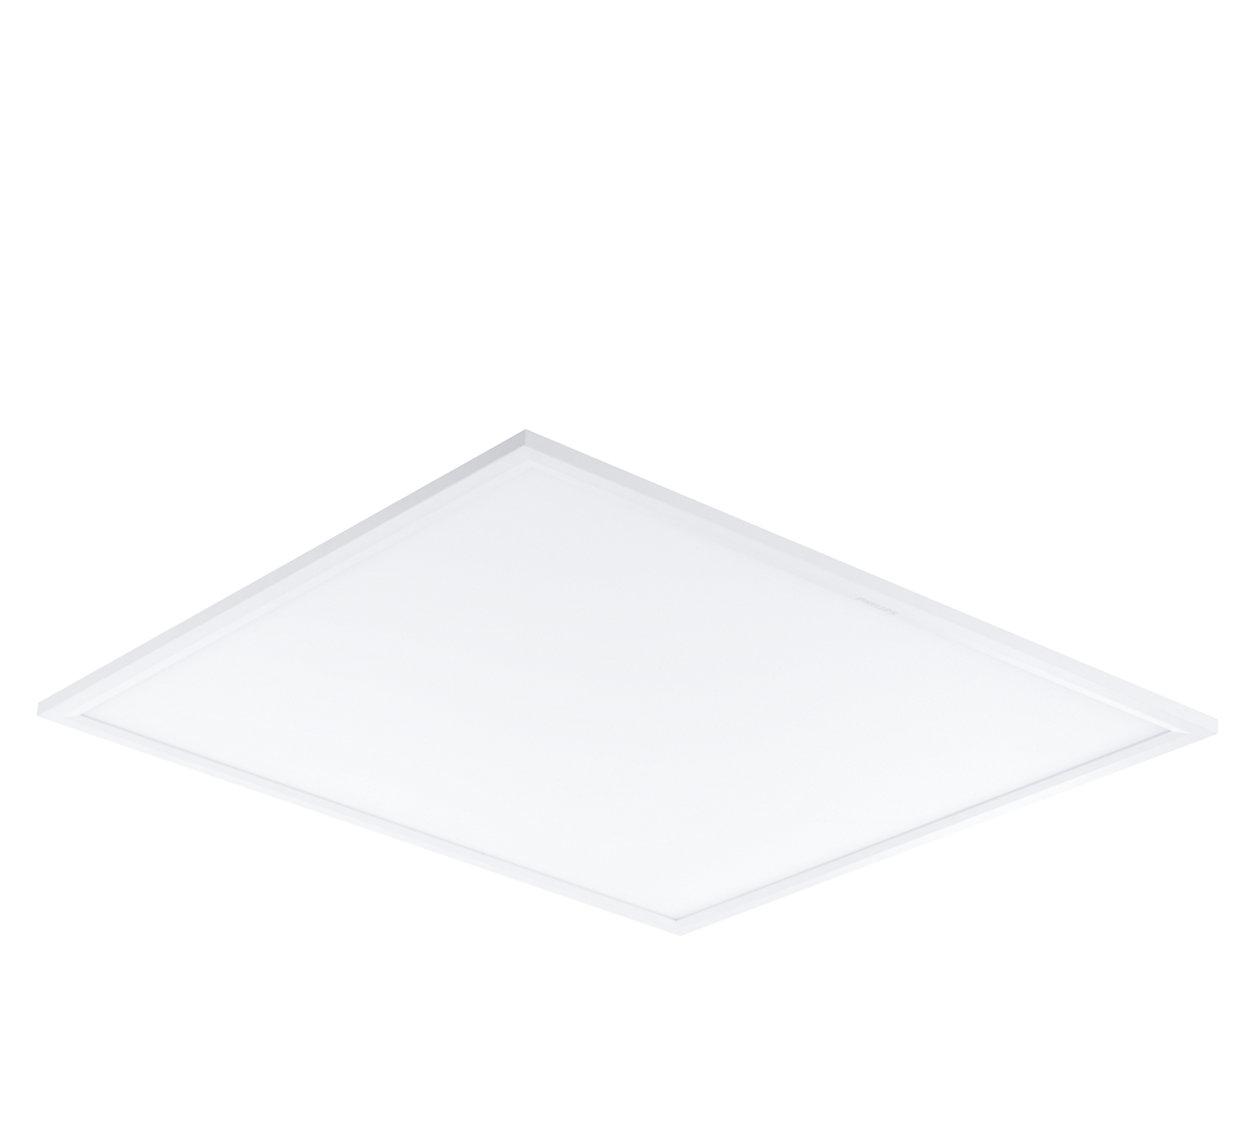 Philips Ledinaire vestavné − prostě skvělé LED